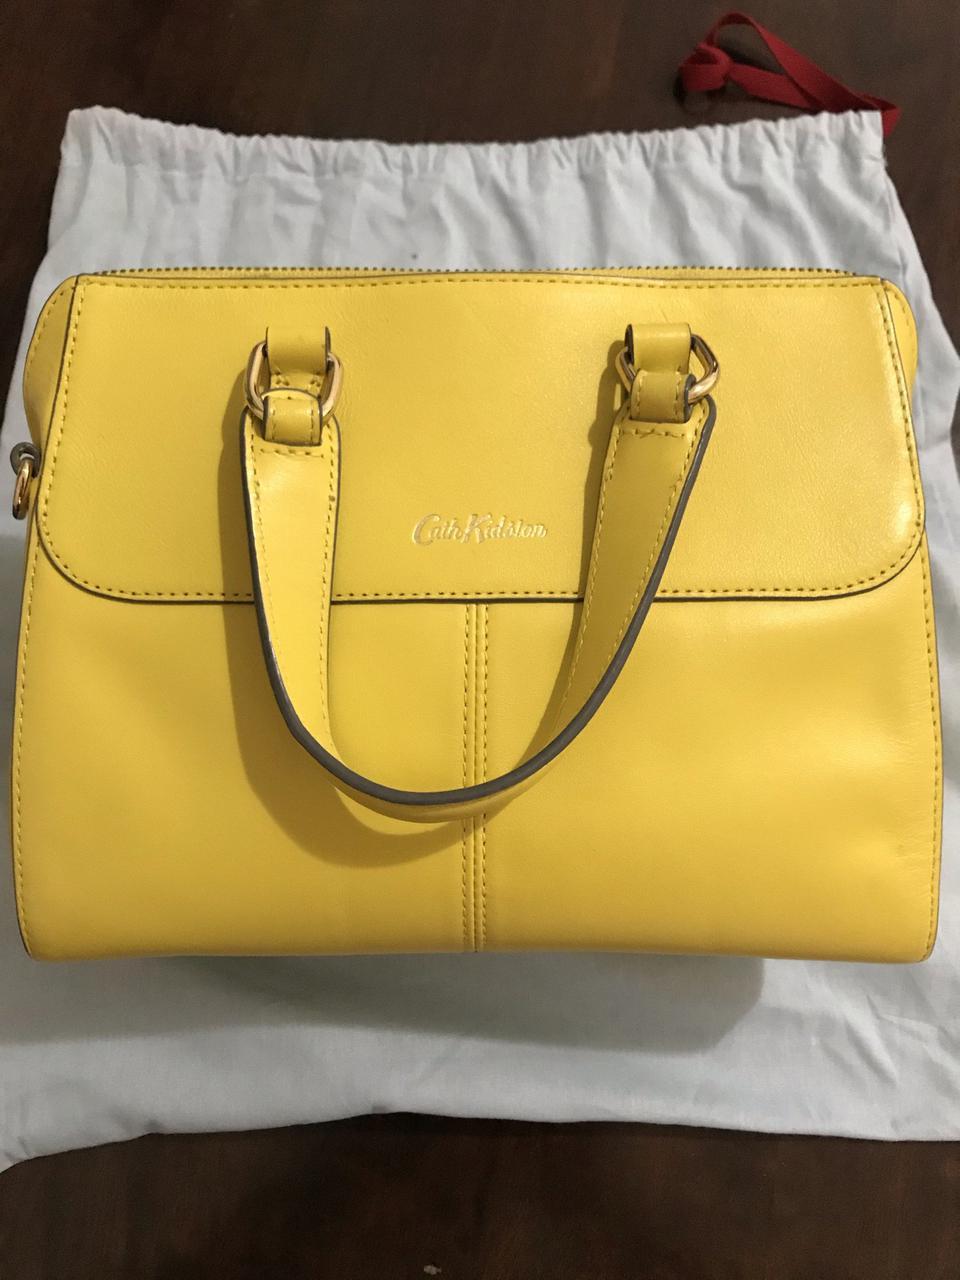 ขออนุญาตเปิด กระเป๋าถือและสะพาย Catch Kidston รุ่น The Henshall Leather Bag สีเหลืองสดใส รุ่นนี้วัสดุหนังแท้  รูปที่ 4